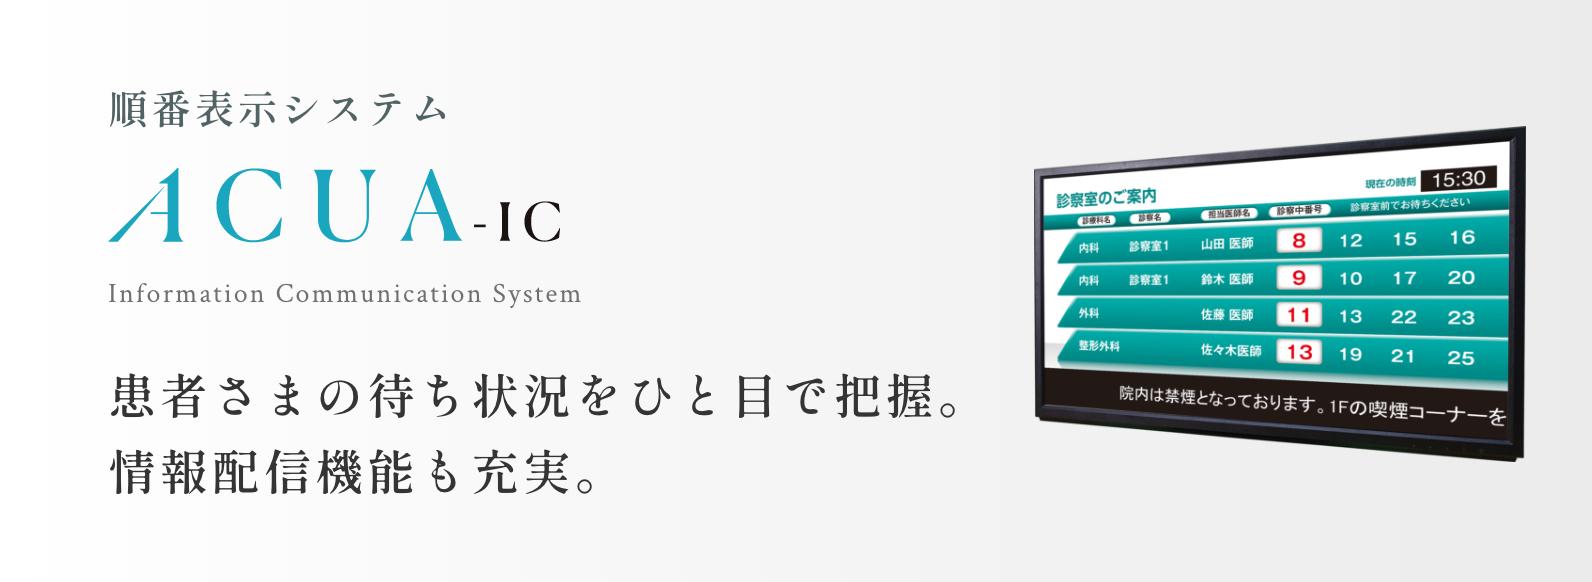 リンク:順番表示システム ACUA-IC